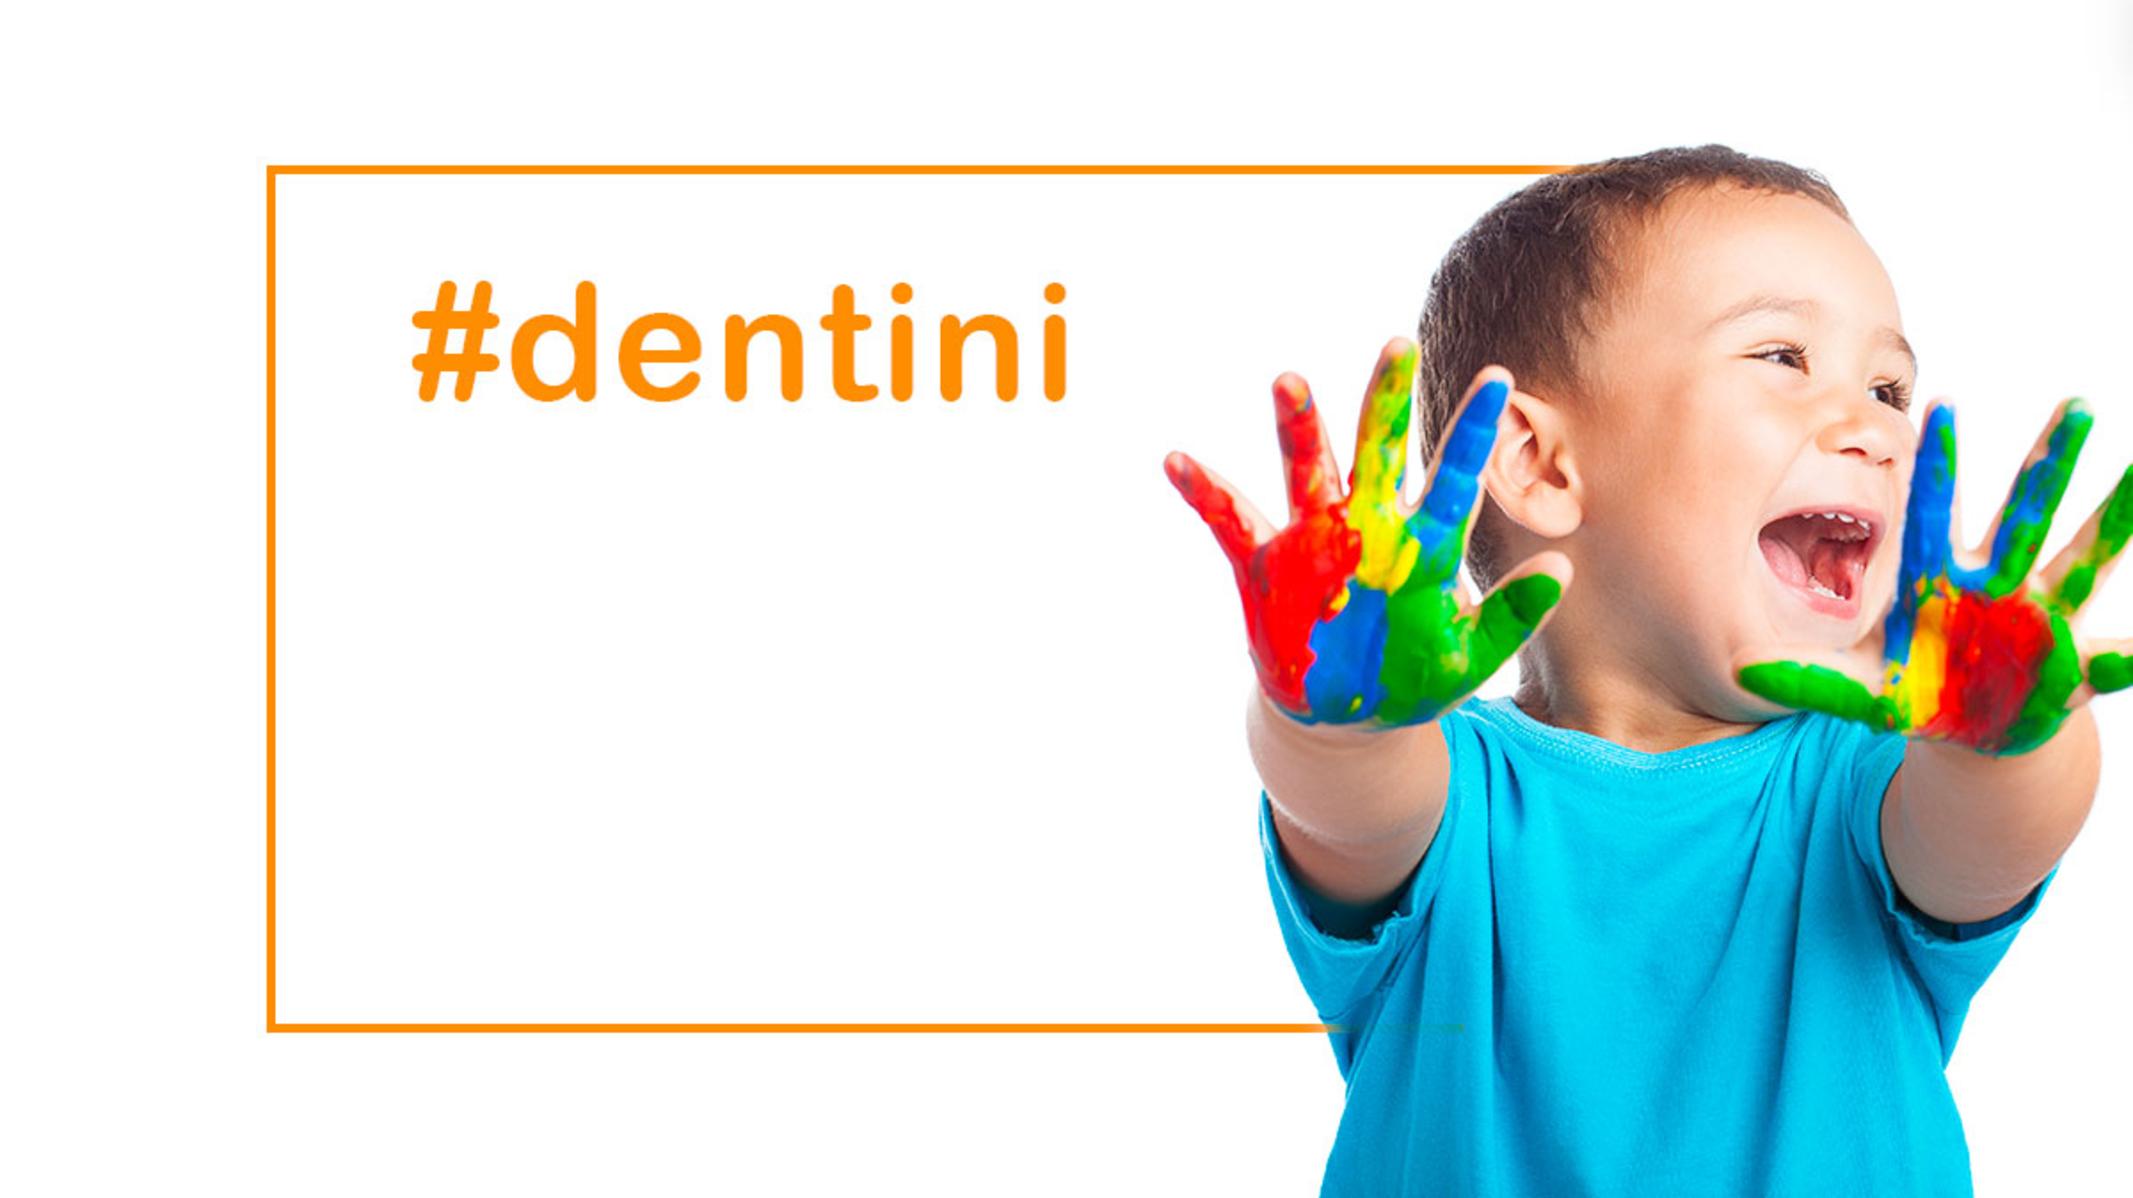 Frattura dente nel bambino: cosa fare?